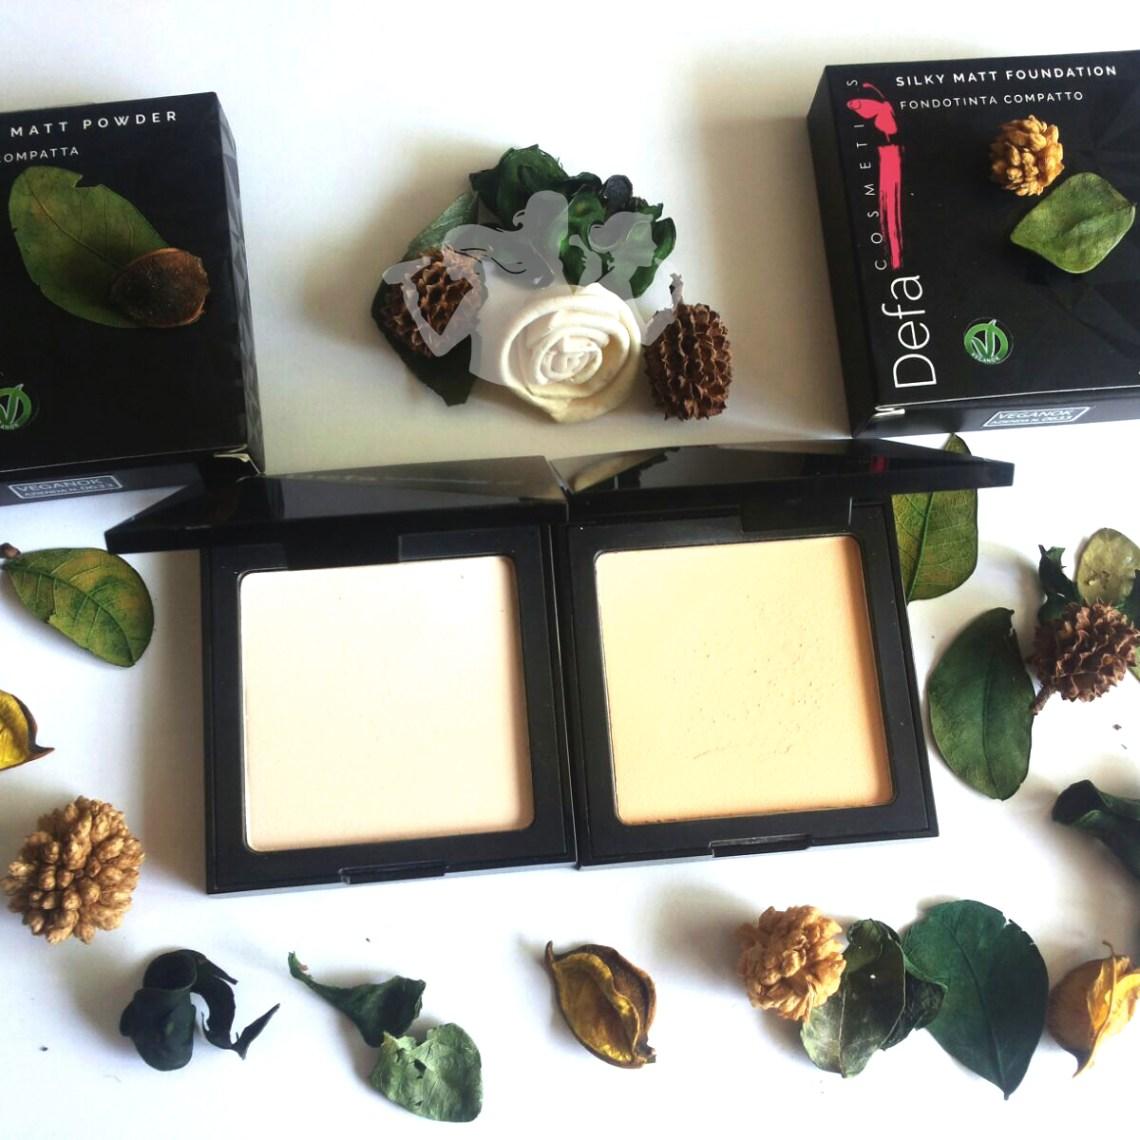 Naturalmente Bella, cipria e fondotinta Defa Cosmetics - fondotinta e cirpia